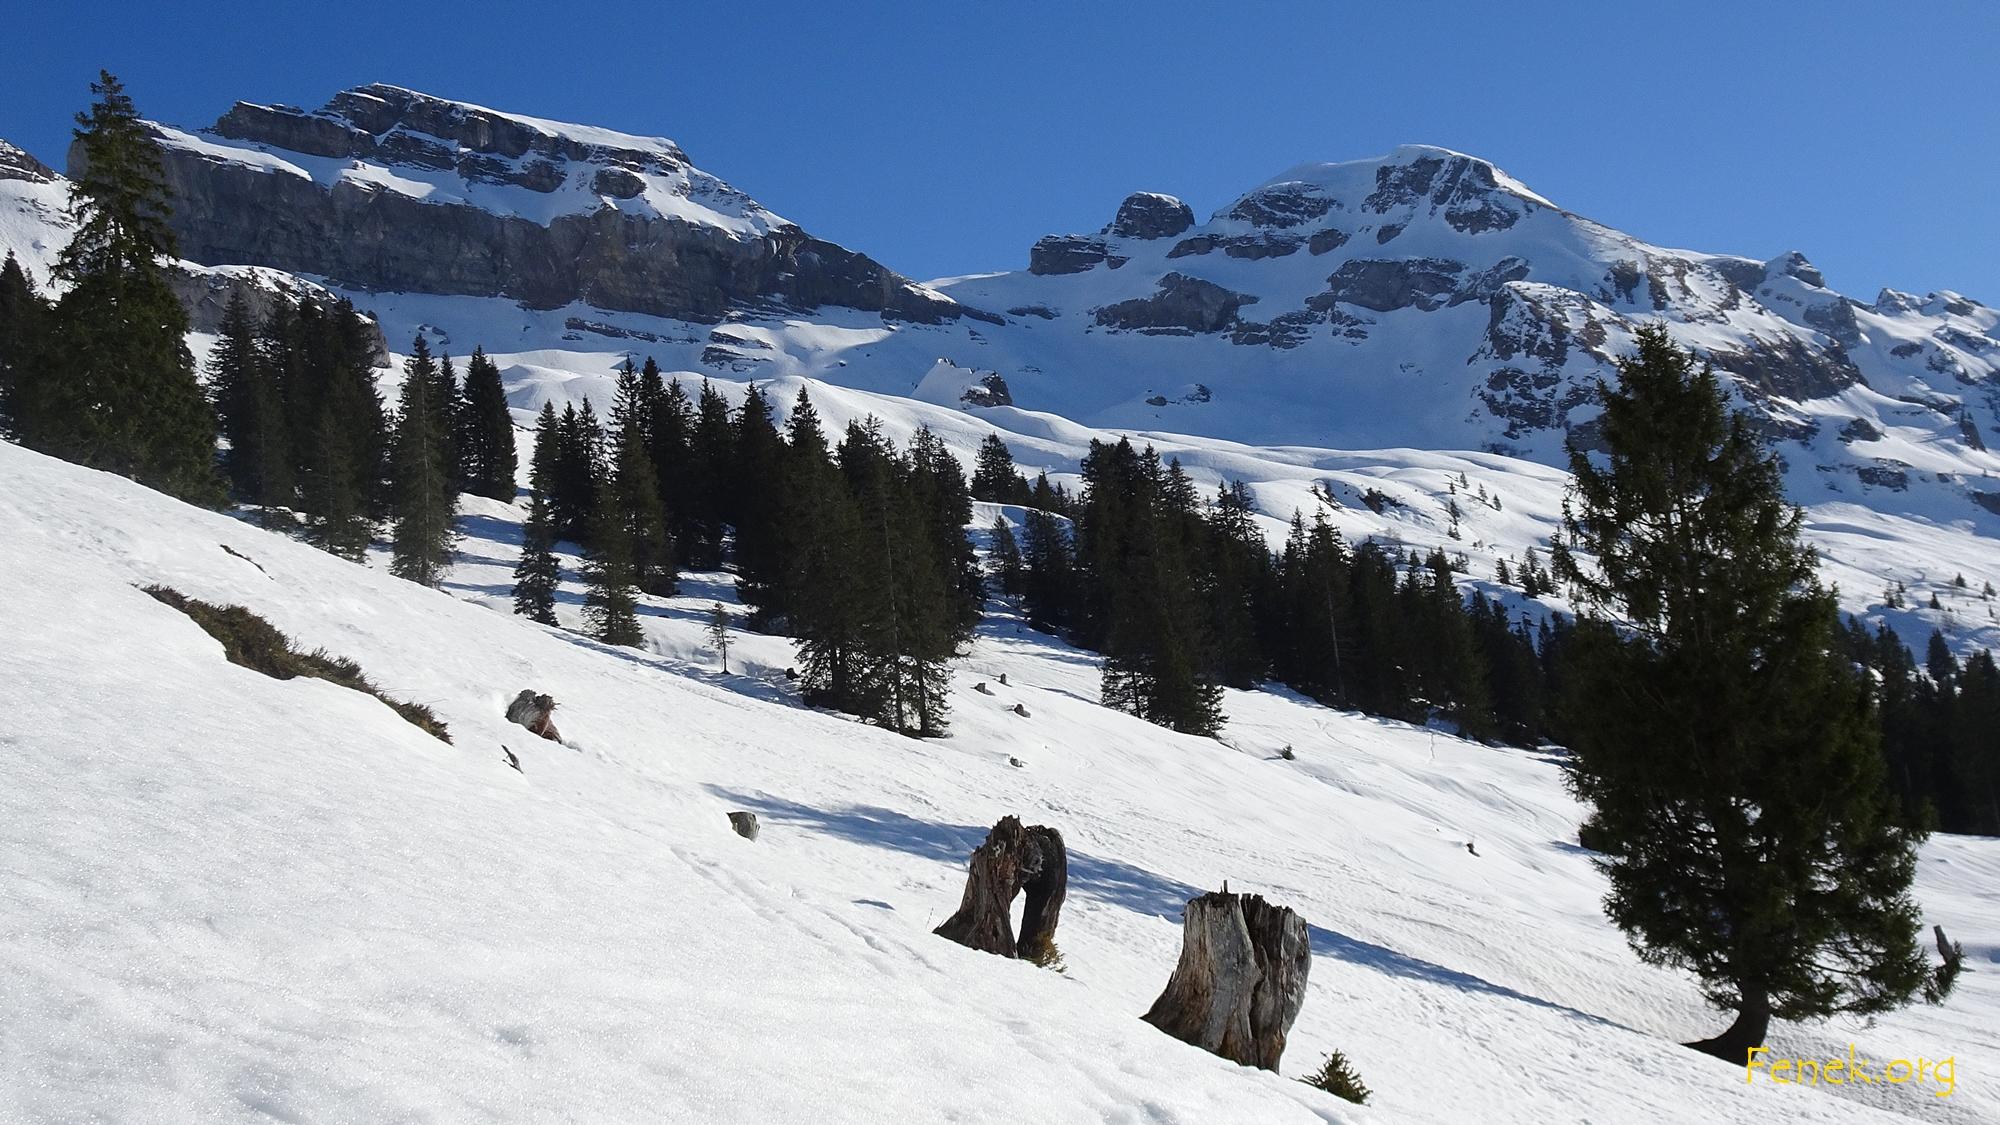 letzter Blick in die Bergwelt - Forstberg und Druesberg